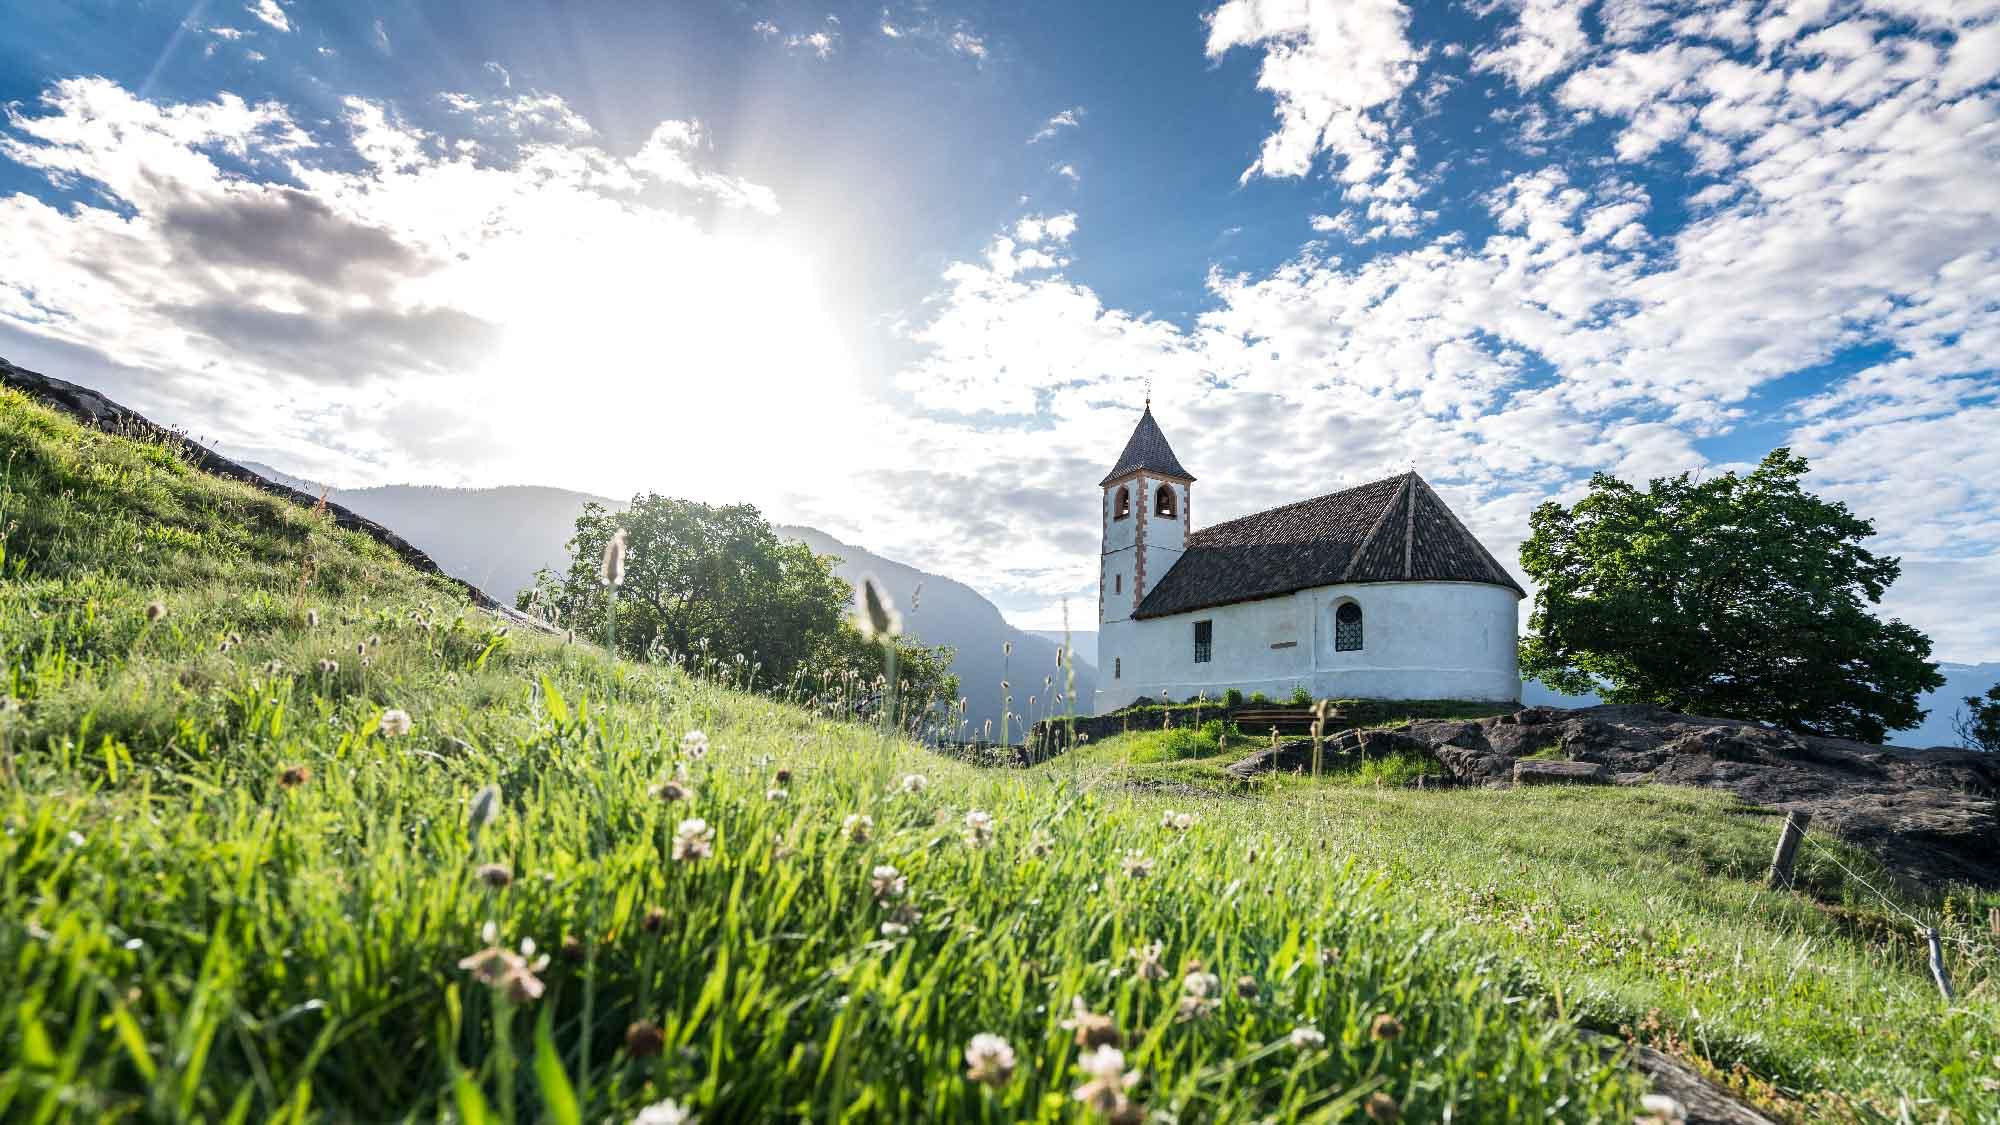 tourismusverein-tisens-rene-gamper-04